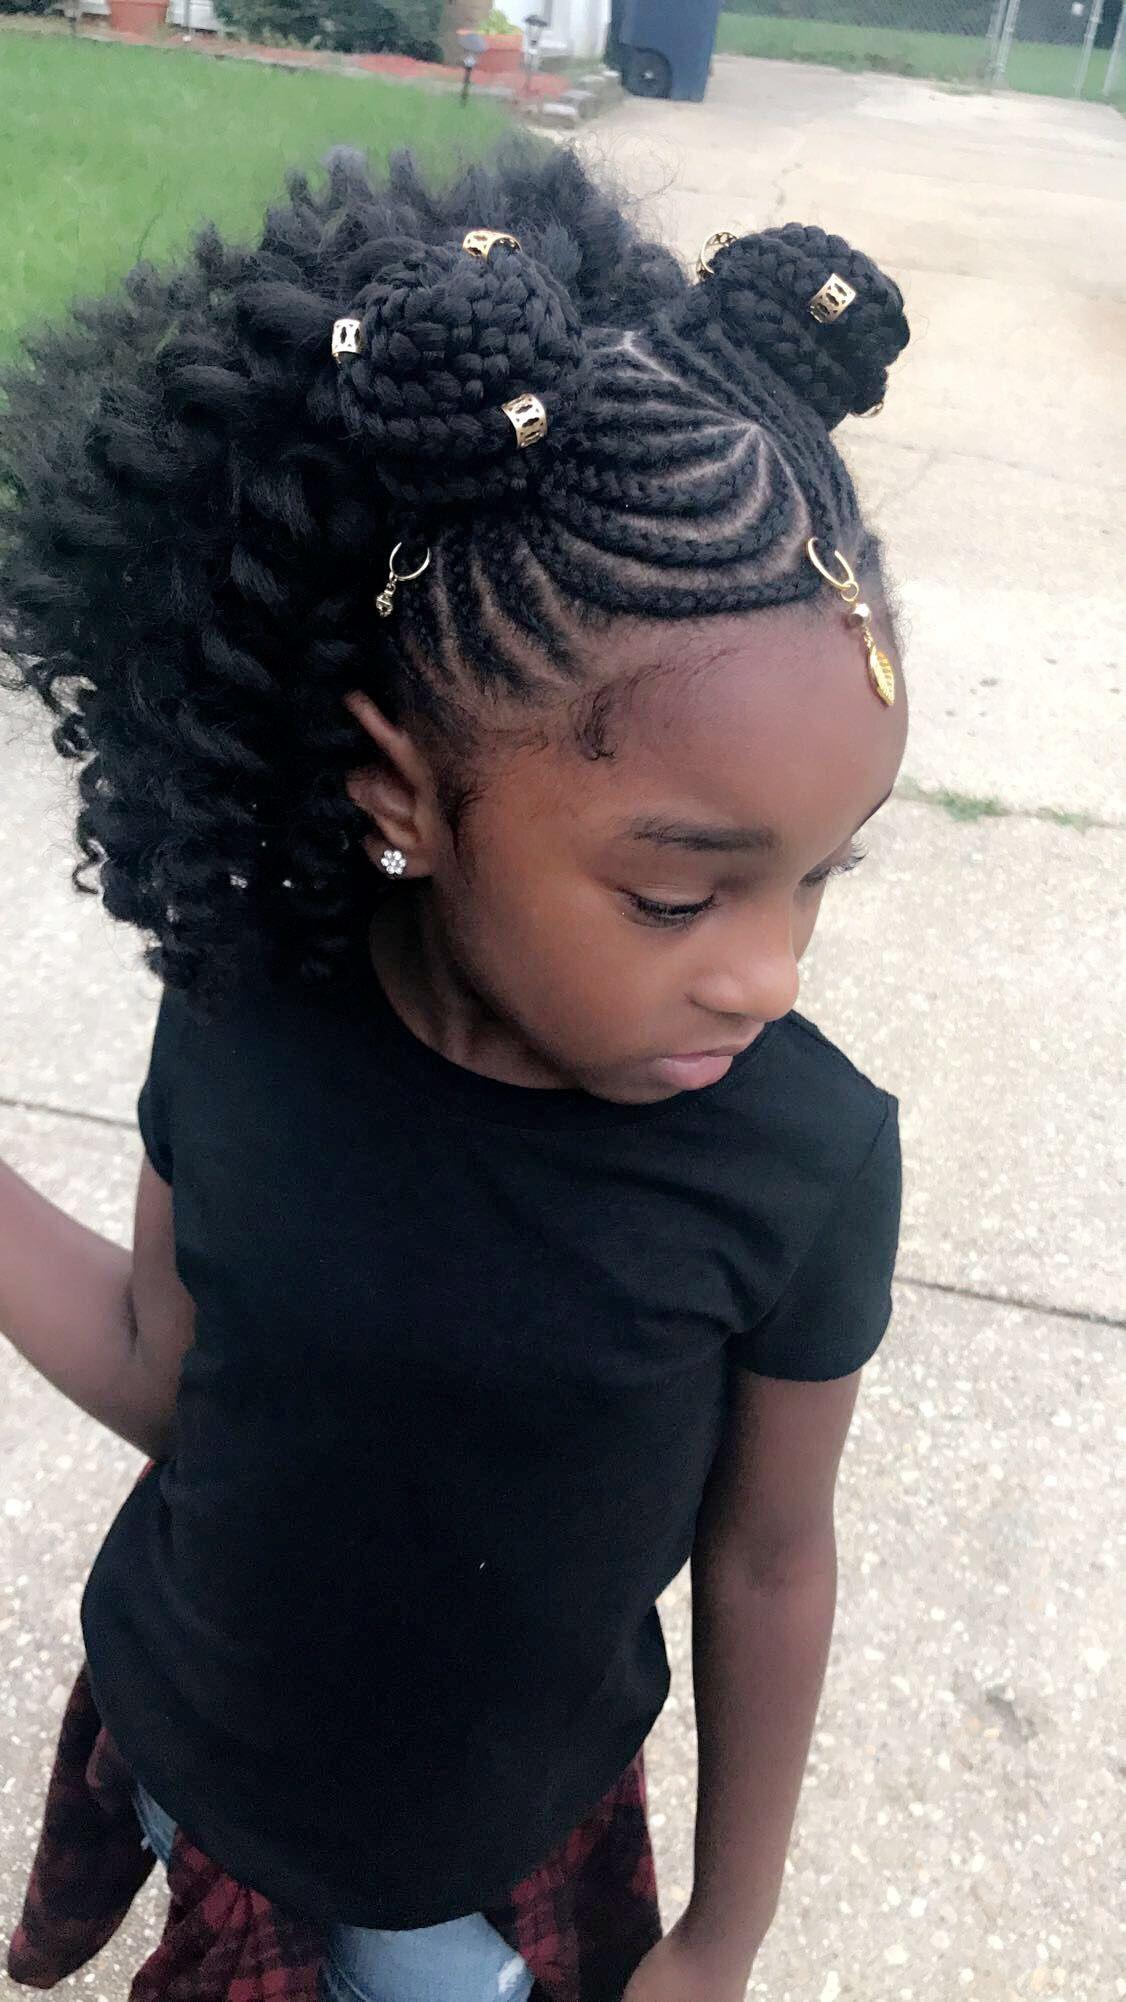 pinterest| @amea101 | cute little girl styles | black kids